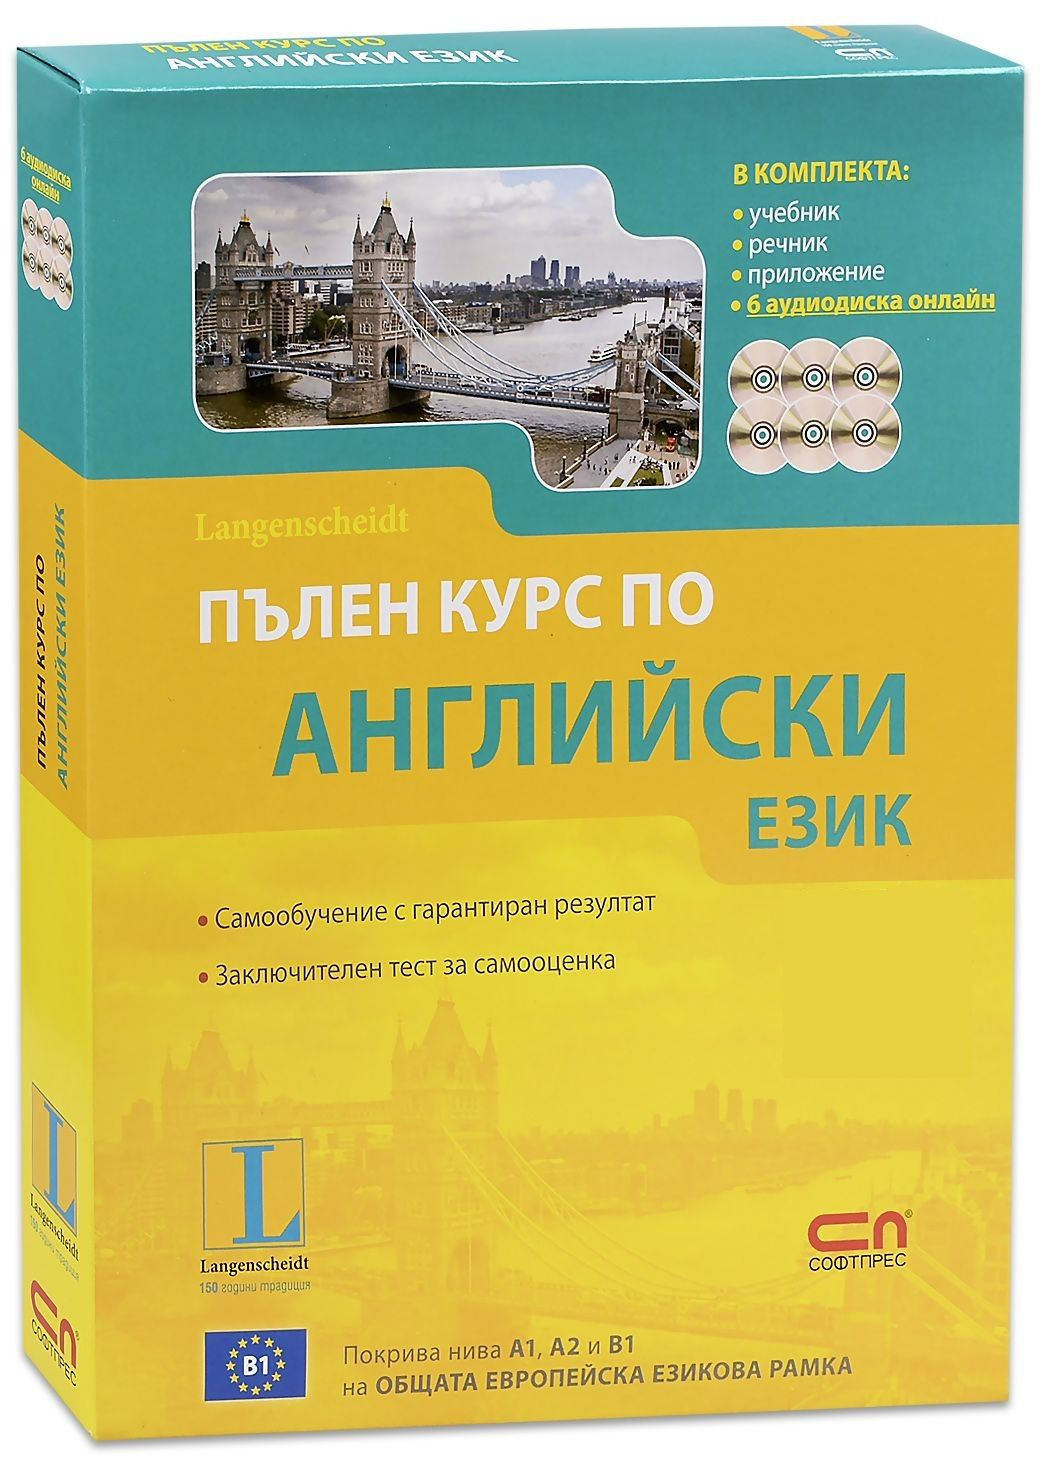 Пълен курс по английски език (учебник, речник, приложение + 6 аудиодиска за сваляне онлайн) - 1